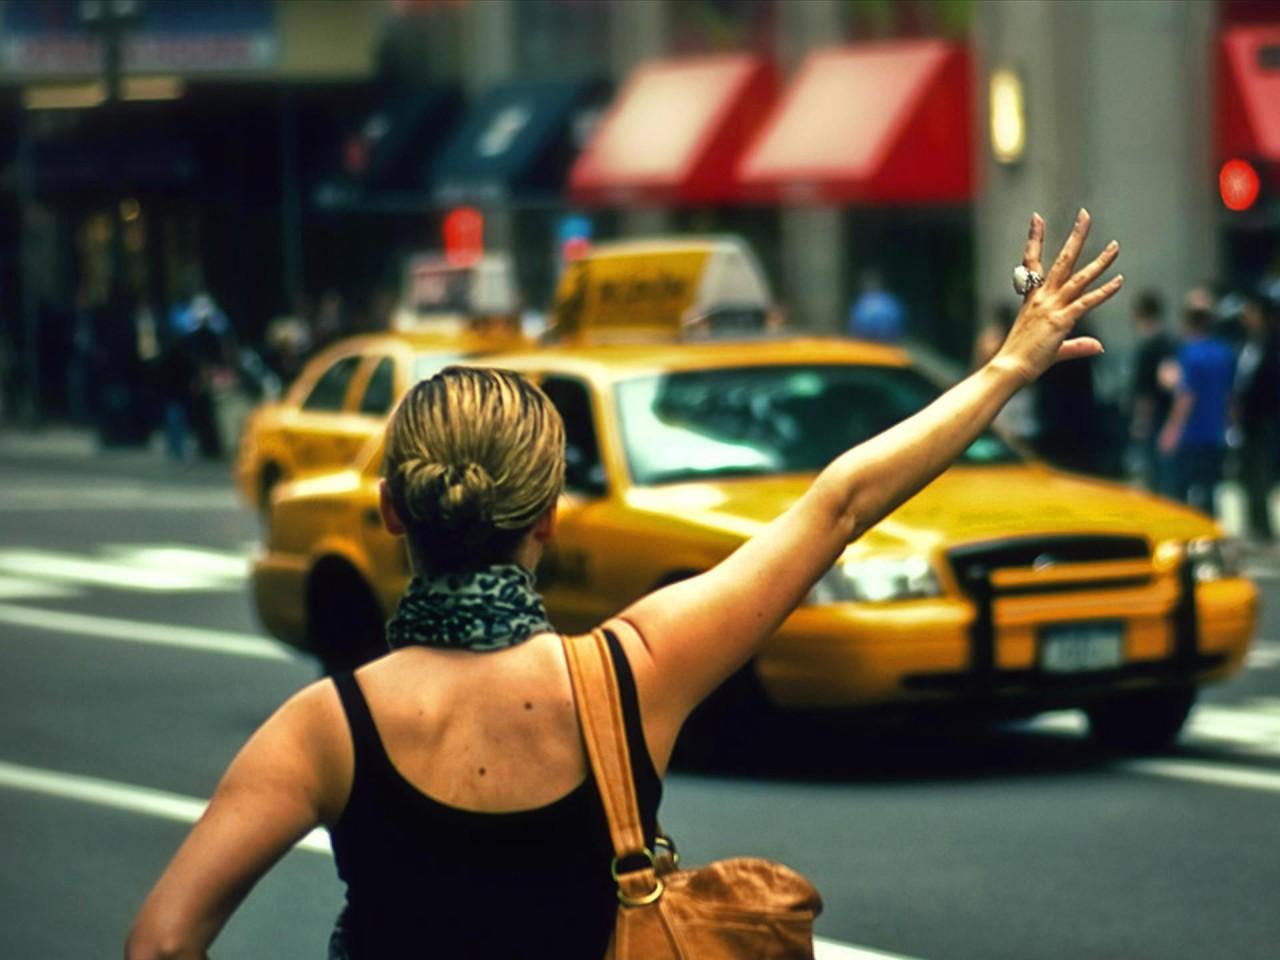 — А знаете, дяденька таксист, у меня с подругой денег нет!